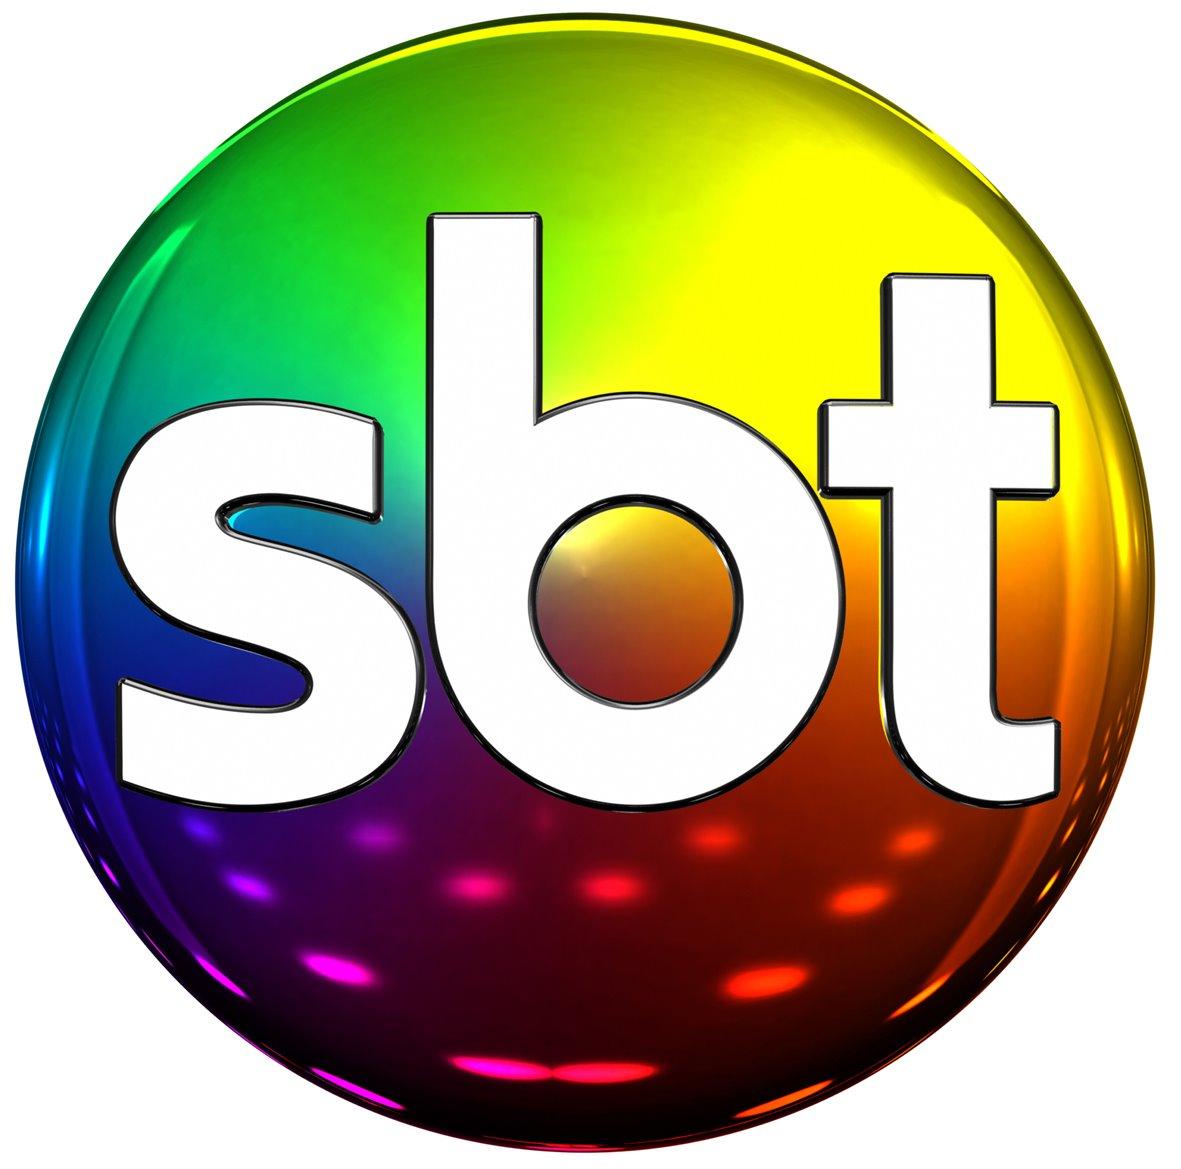 SBT vai lançar plataforma online para concorrer com Netflix e Globoplay